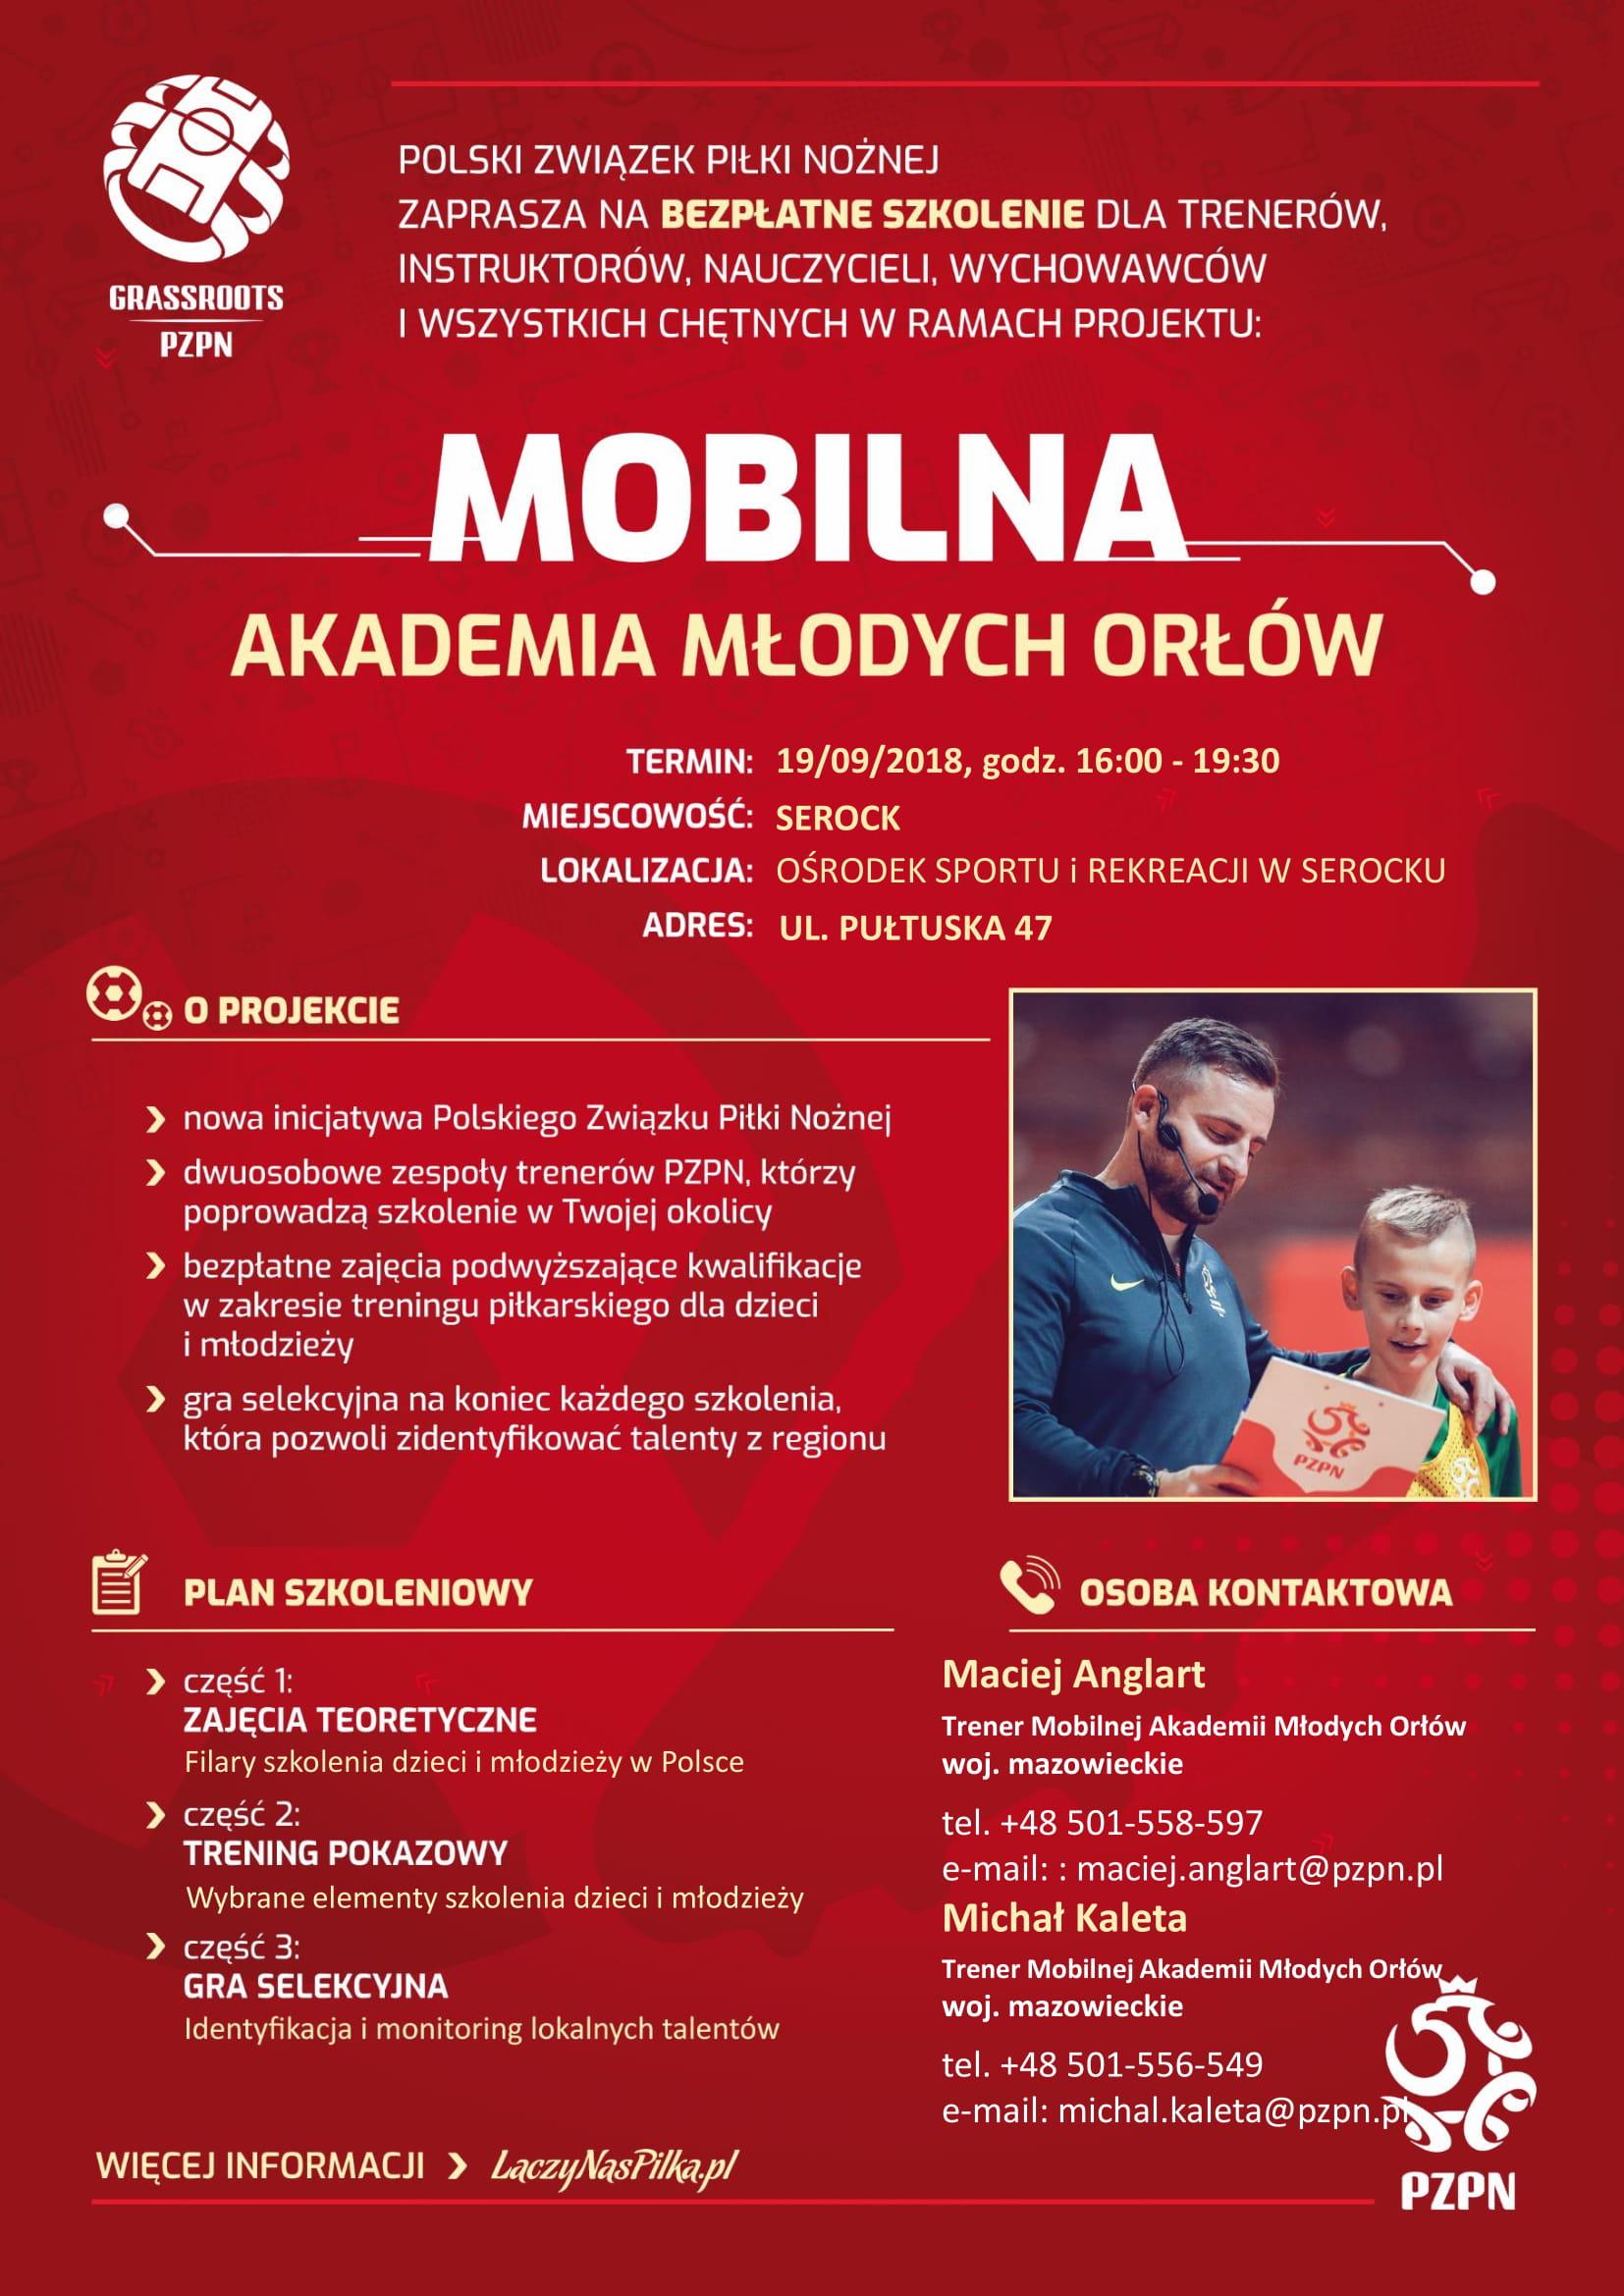 Mobilna Akademia Młodych Orłów Polskiego Związku Piłki Nożnej